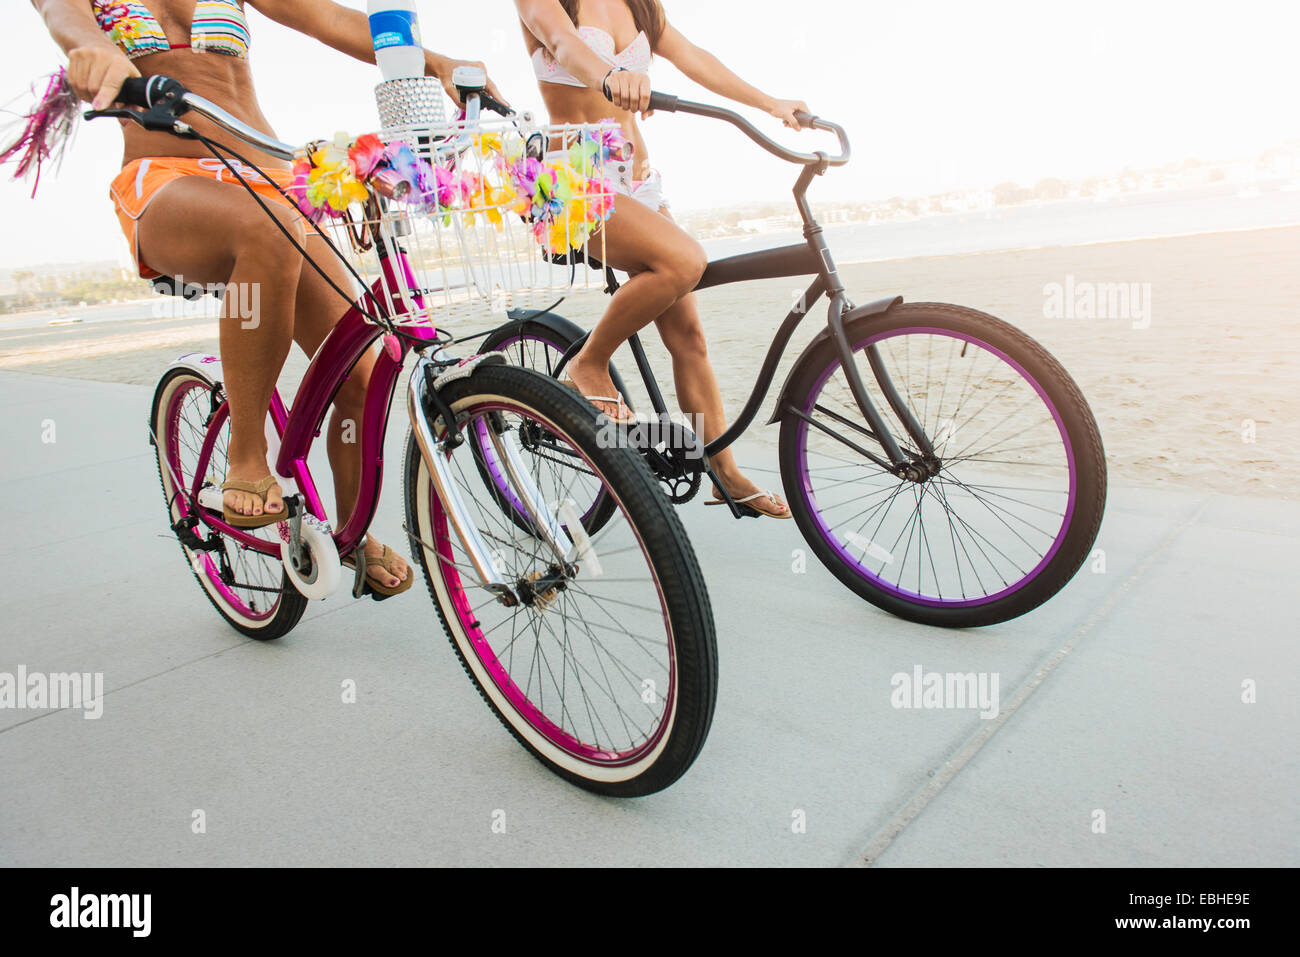 Collo in giù in vista delle due donne ciclisti sulla spiaggia, Mission Bay, San Diego, California, Stati Uniti Immagini Stock